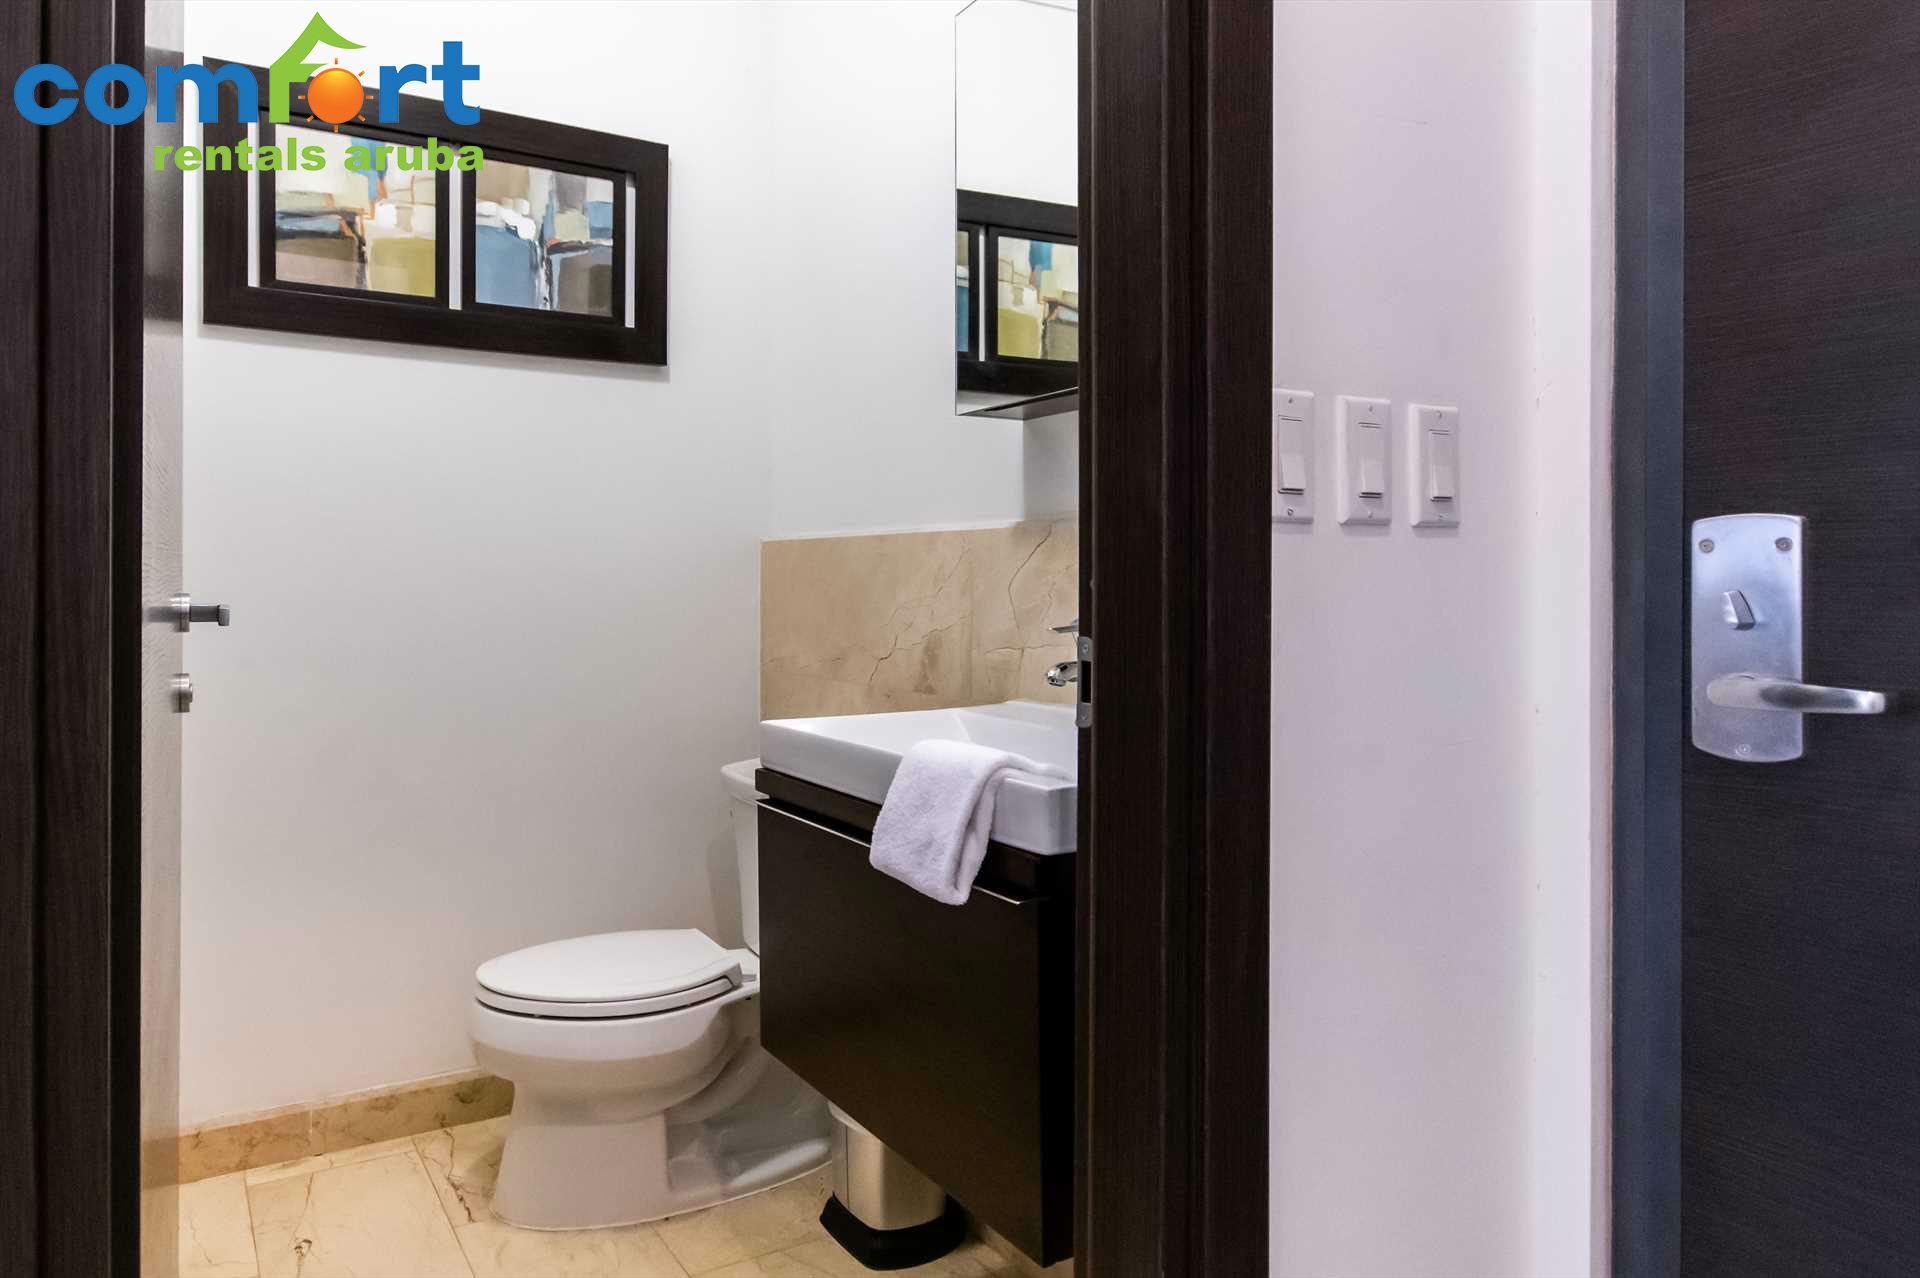 A half bathroom is conveniently located in the corridor